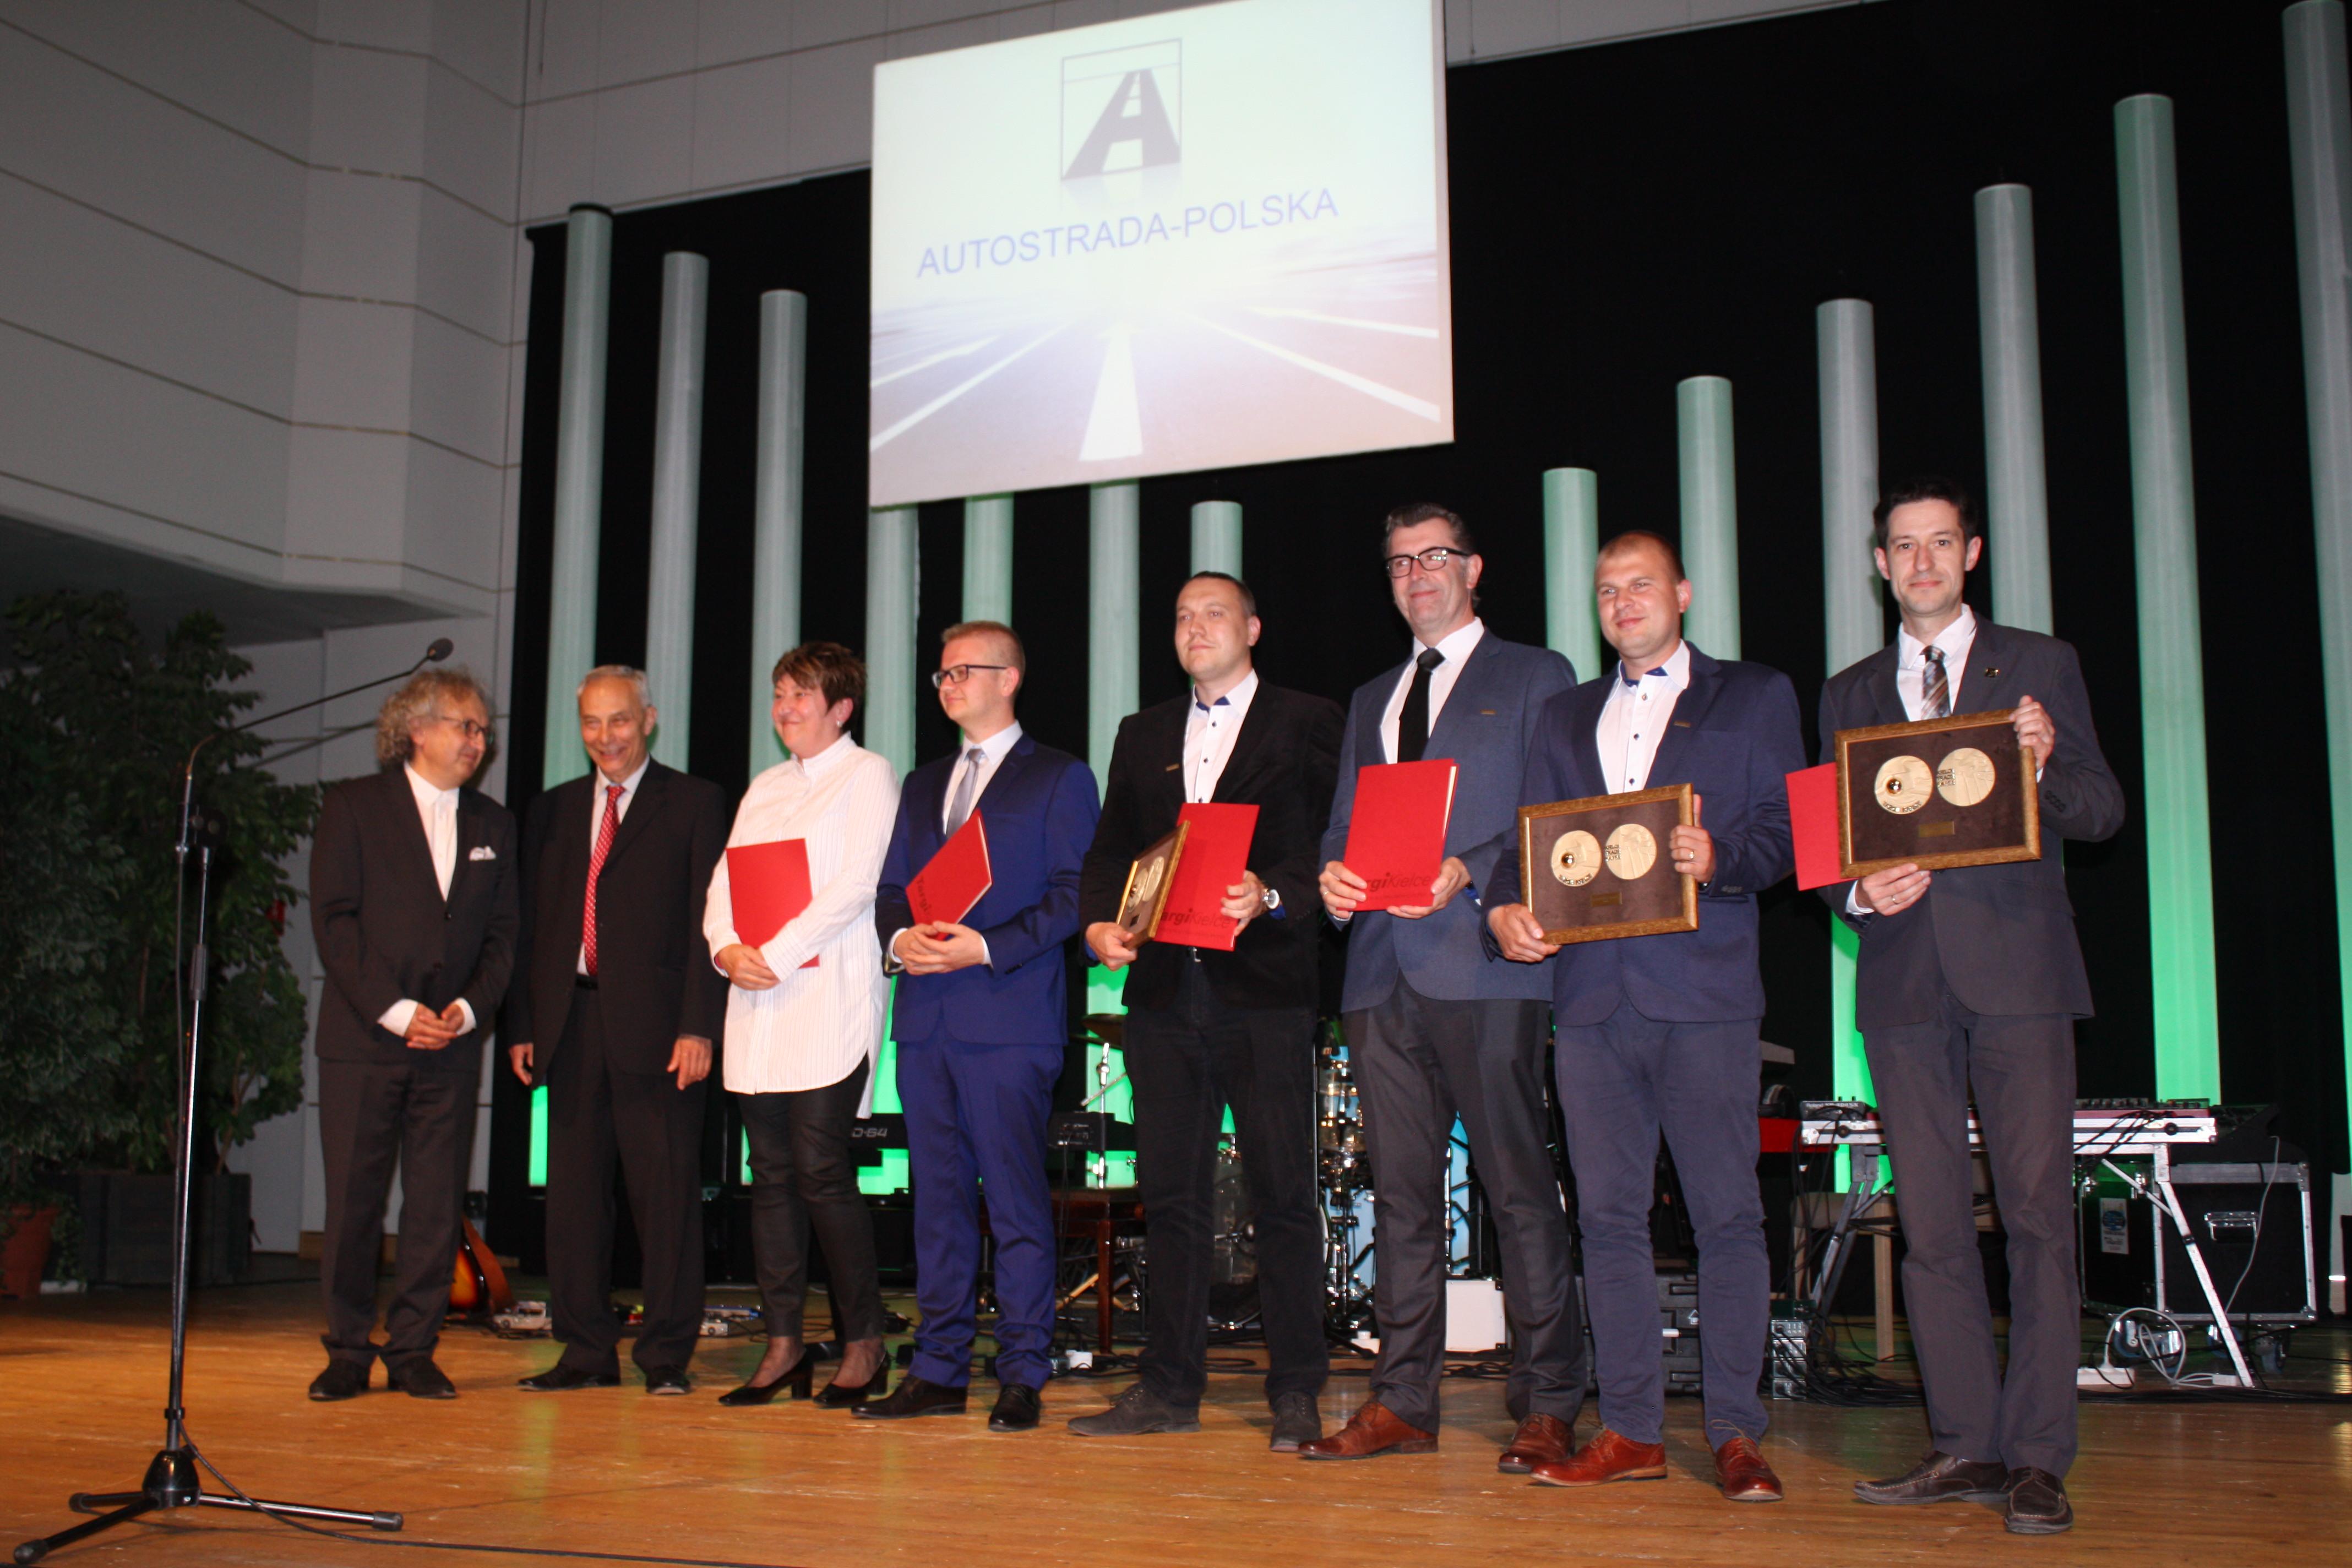 Potrójny sukces MAKRUM na Targach Autostrada-Polska 2016